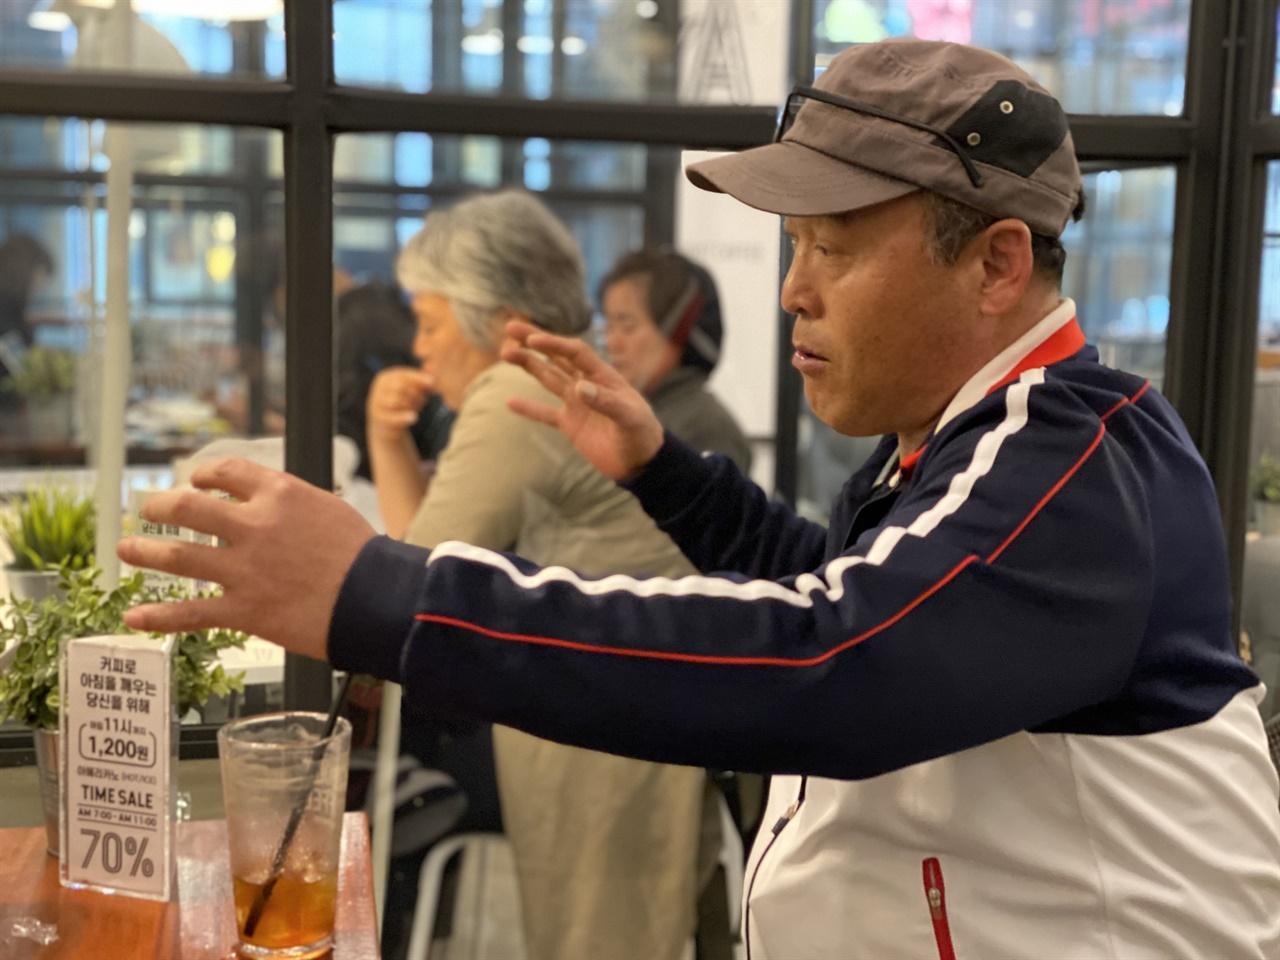 세월호 침몰 후 탈출 과정을 설명하는 윤길옥씨. 그는 세월호 참사 당시 사람들을 구하다가 마지막에 탈출한 사람 가운데 한 명이다.